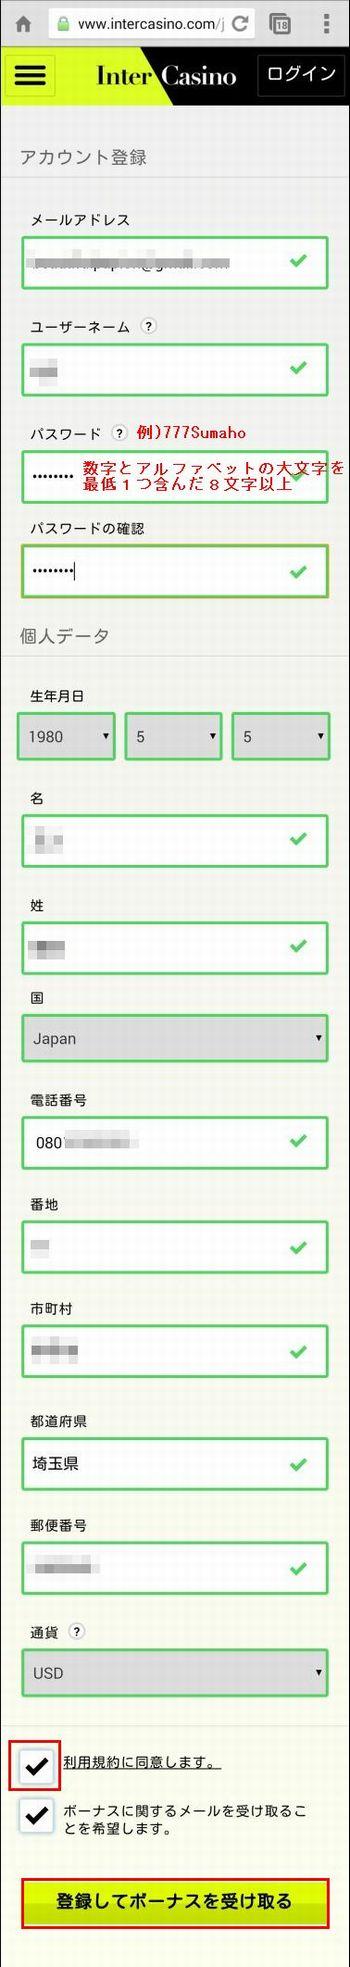 インターカジノ_登録_入力フィールド